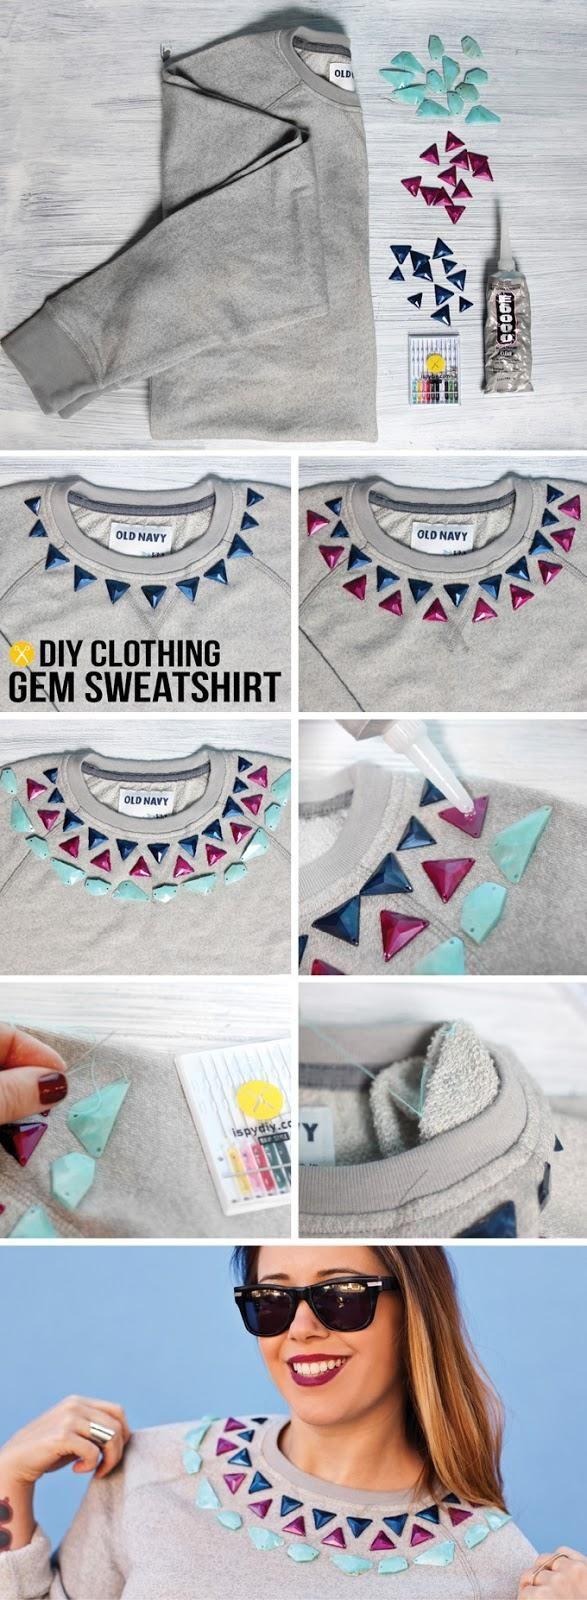 DIY Clothes DIY Refashion DIY | Gem Embellished Sweatshirt